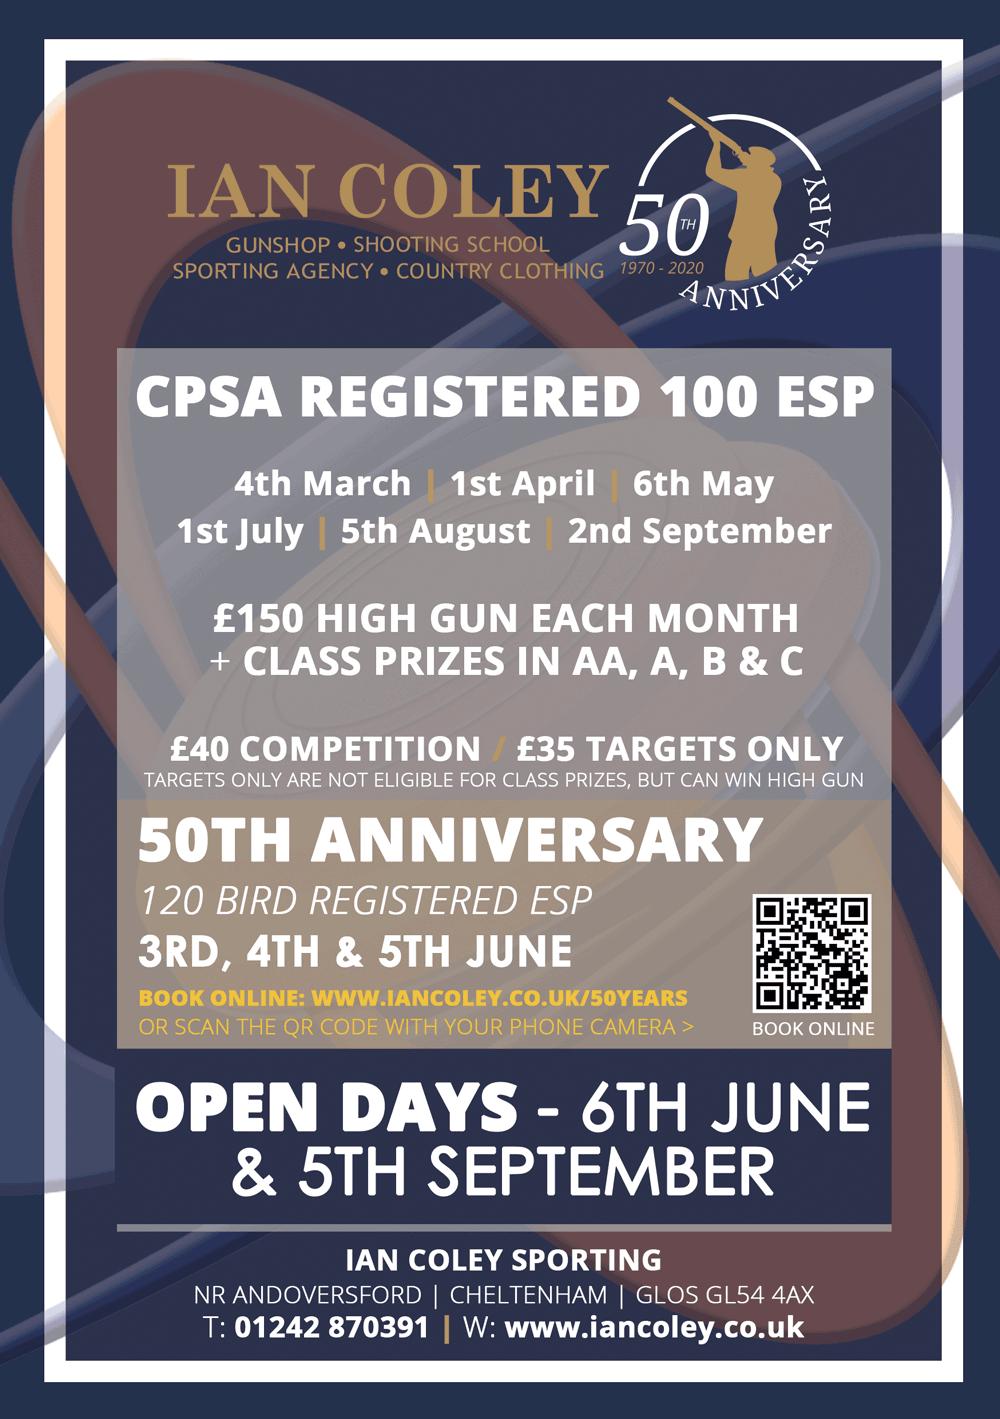 2020 CPSA REGISTERED 100 ESP EVENTS